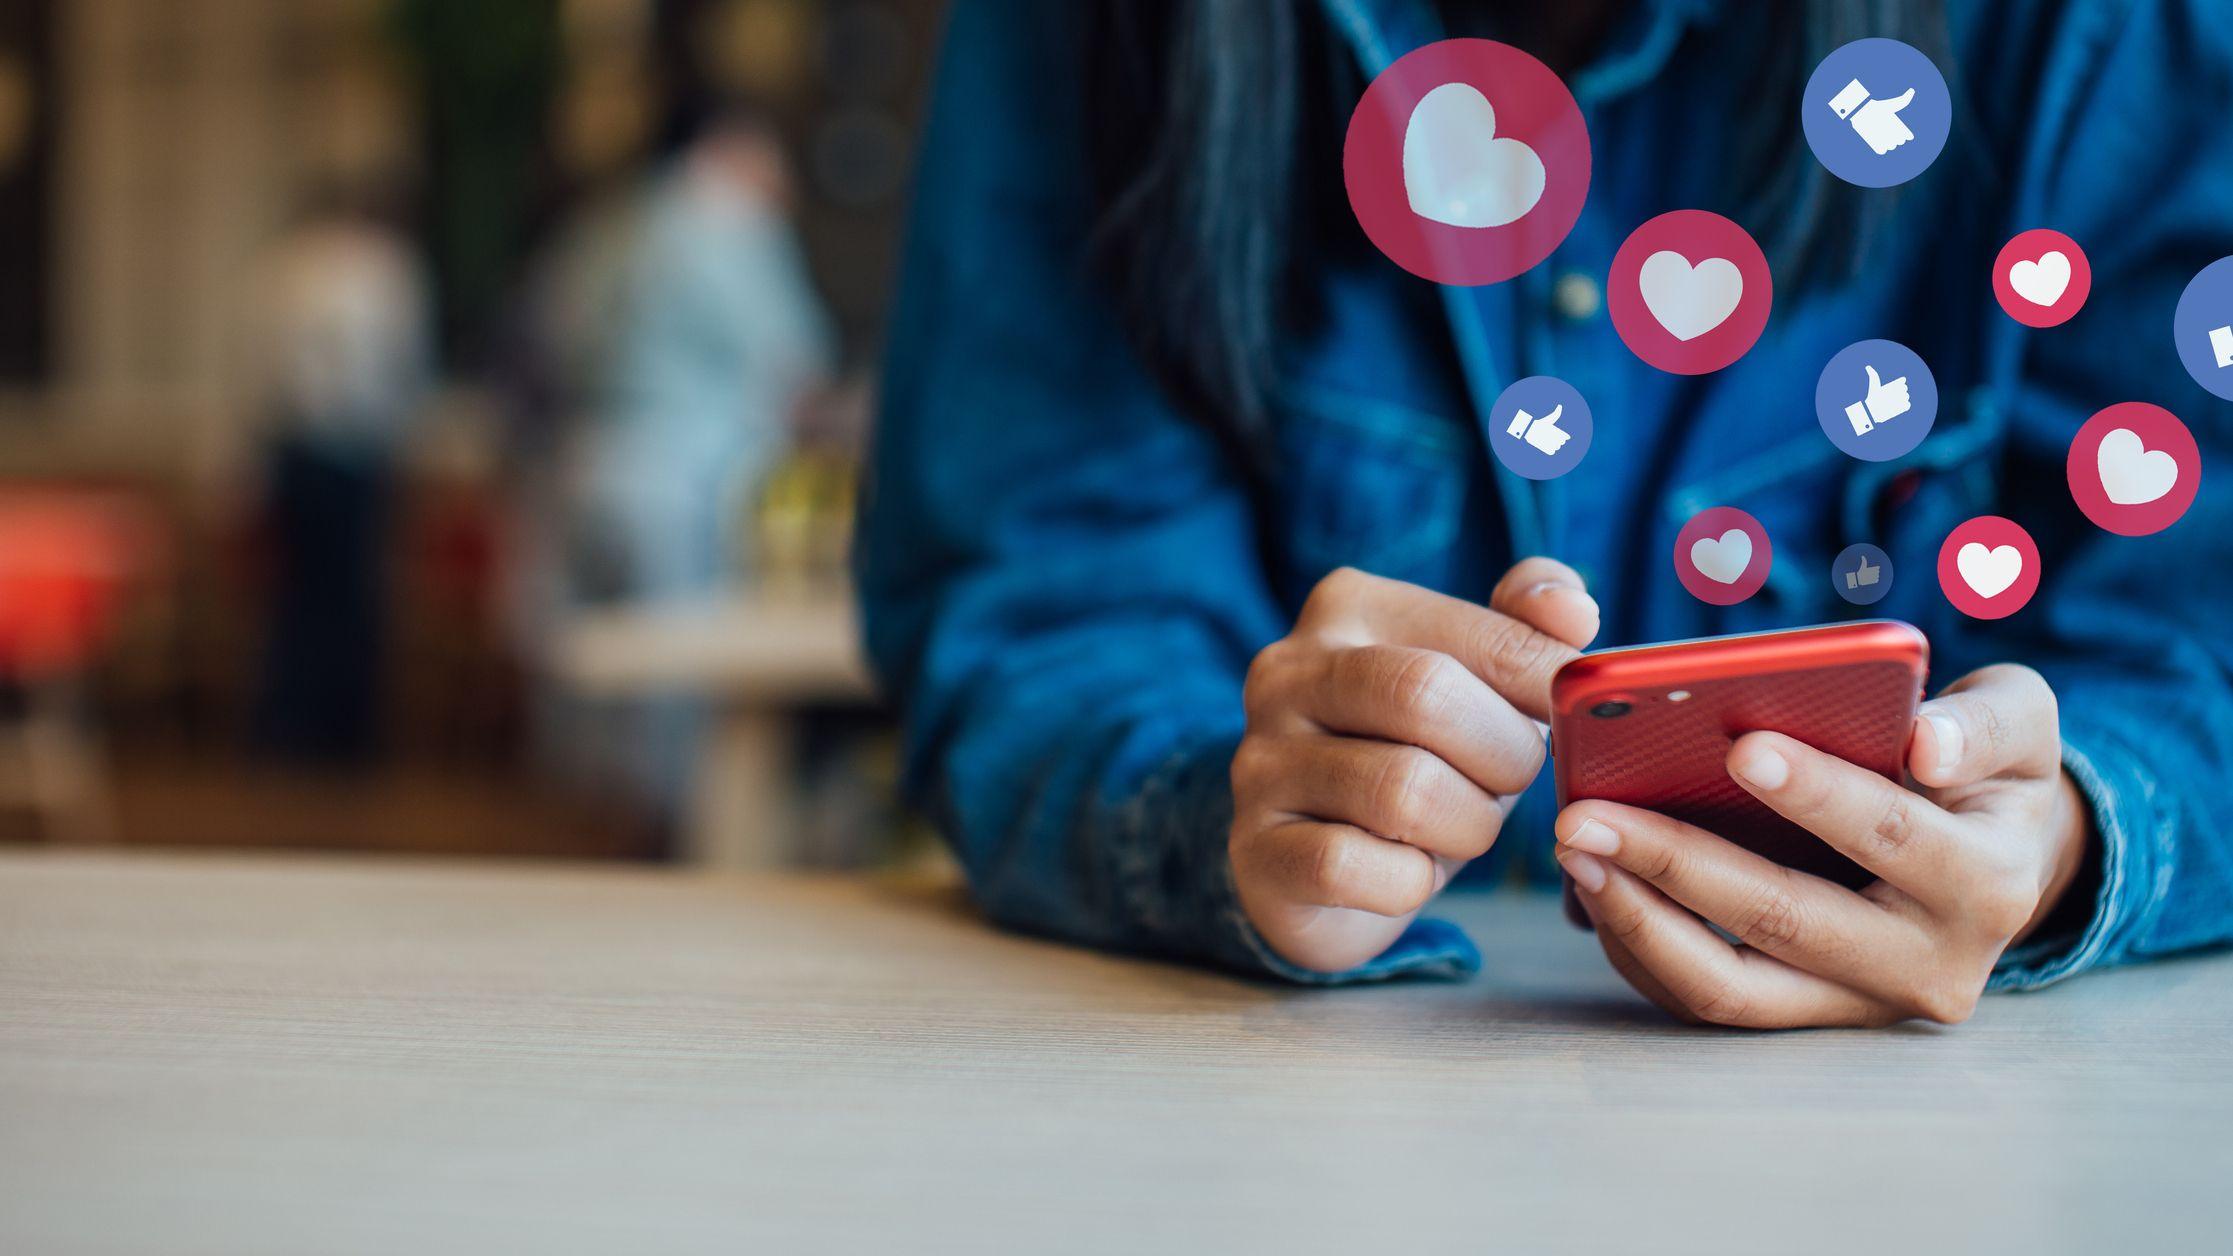 フェイスブックがファクトチェックを強化、パート採用で迅速化へ